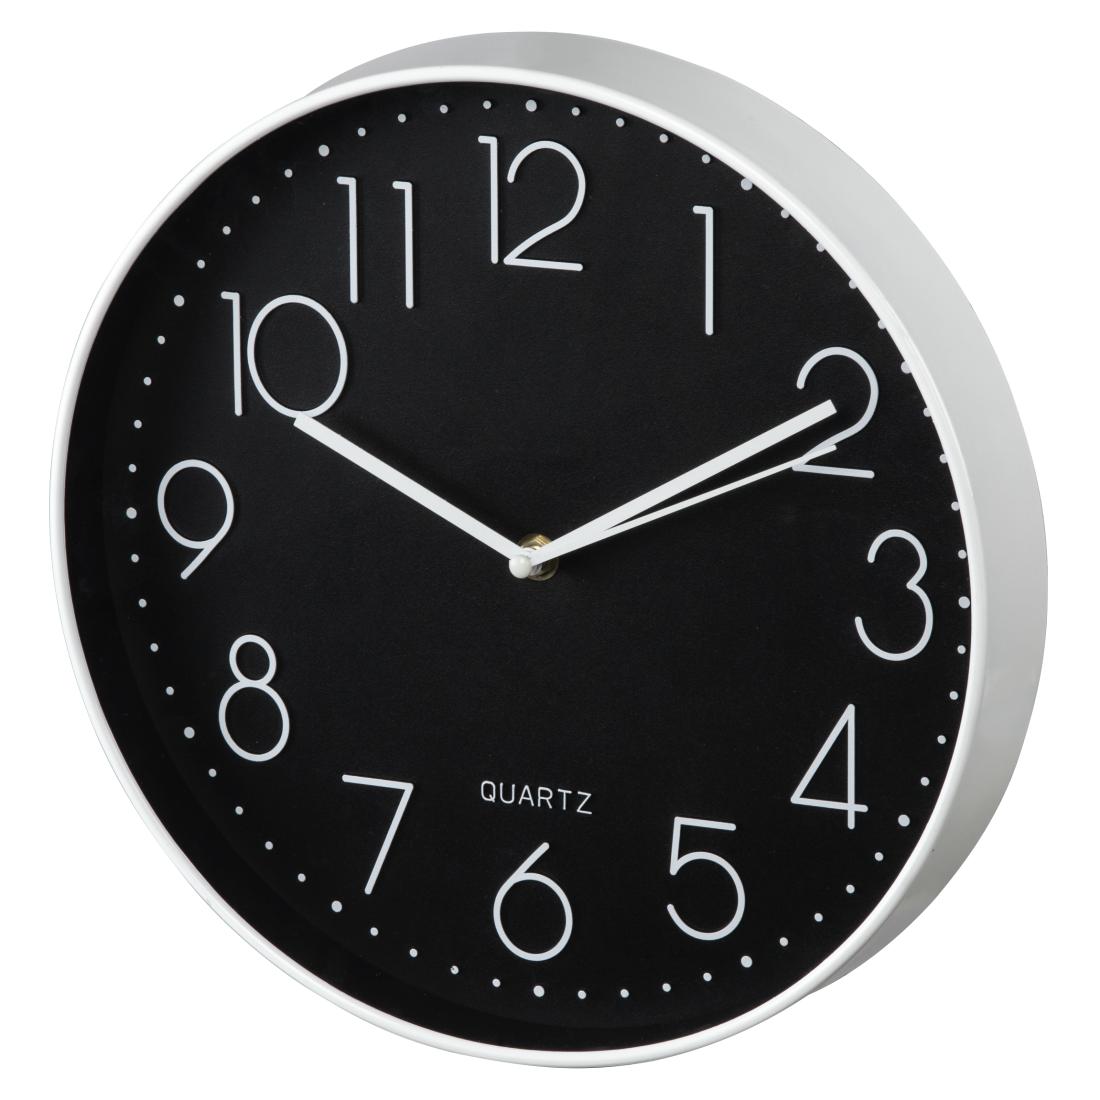 00176903 hama horloge murale elegance 30 cm silencieuse blanche noire. Black Bedroom Furniture Sets. Home Design Ideas